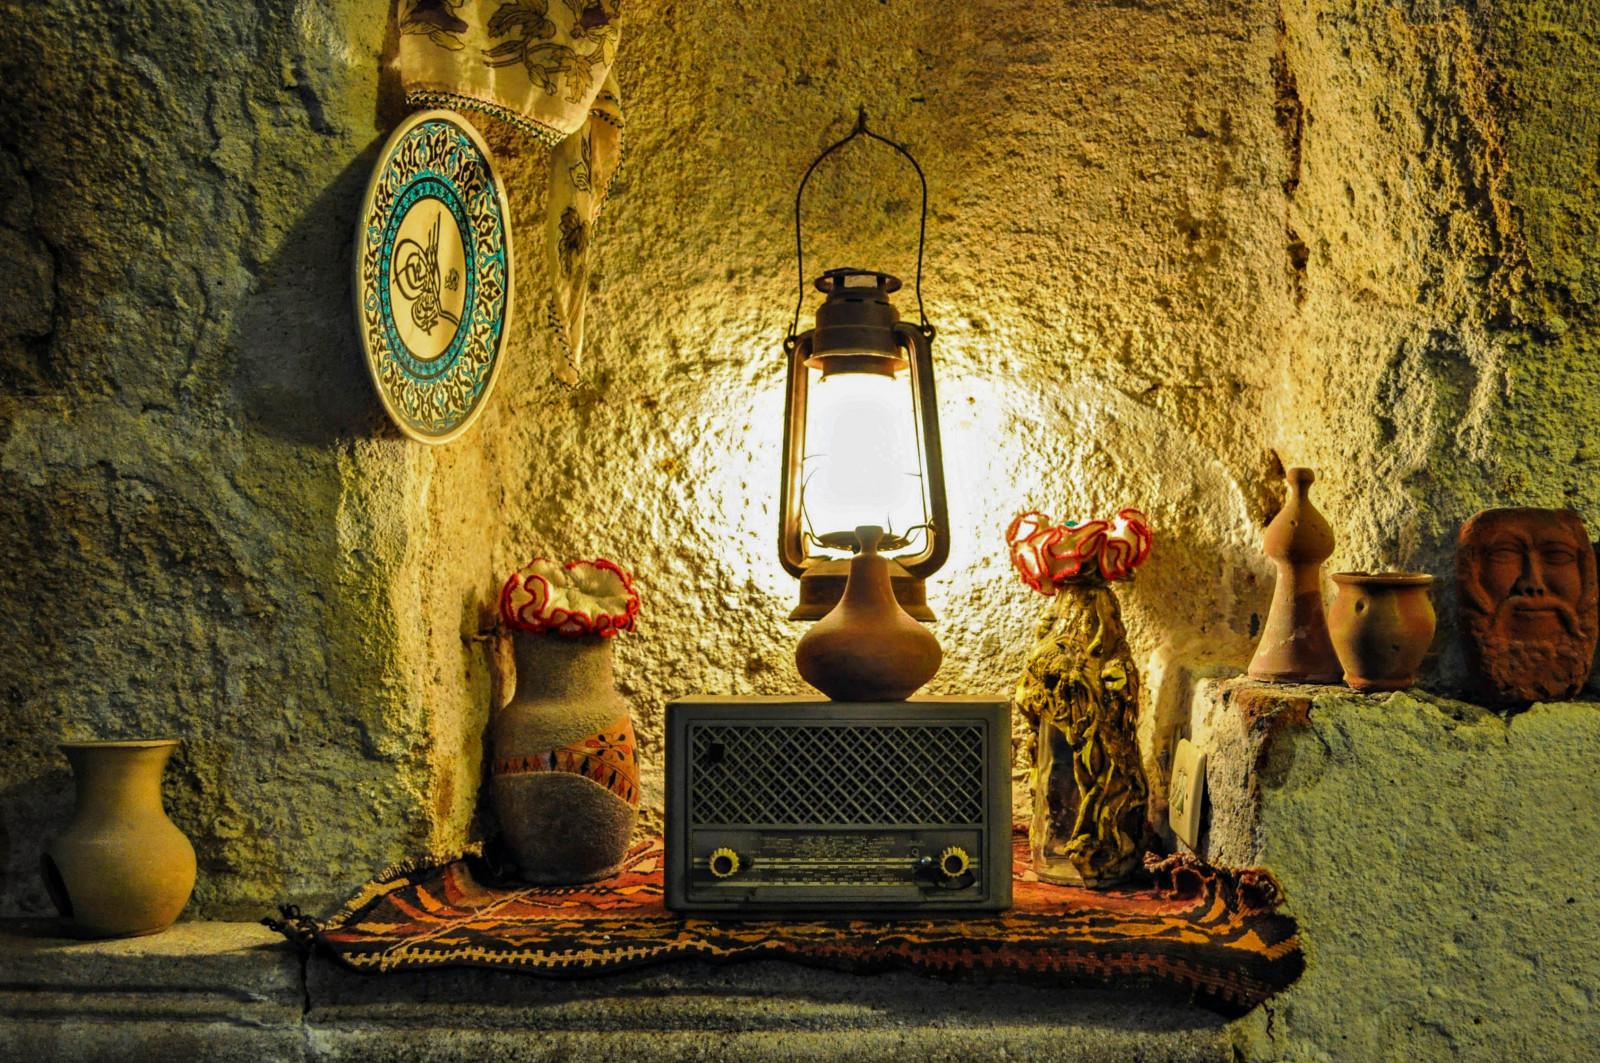 Sfondi : vecchio interno parete in casa lampada tacchino